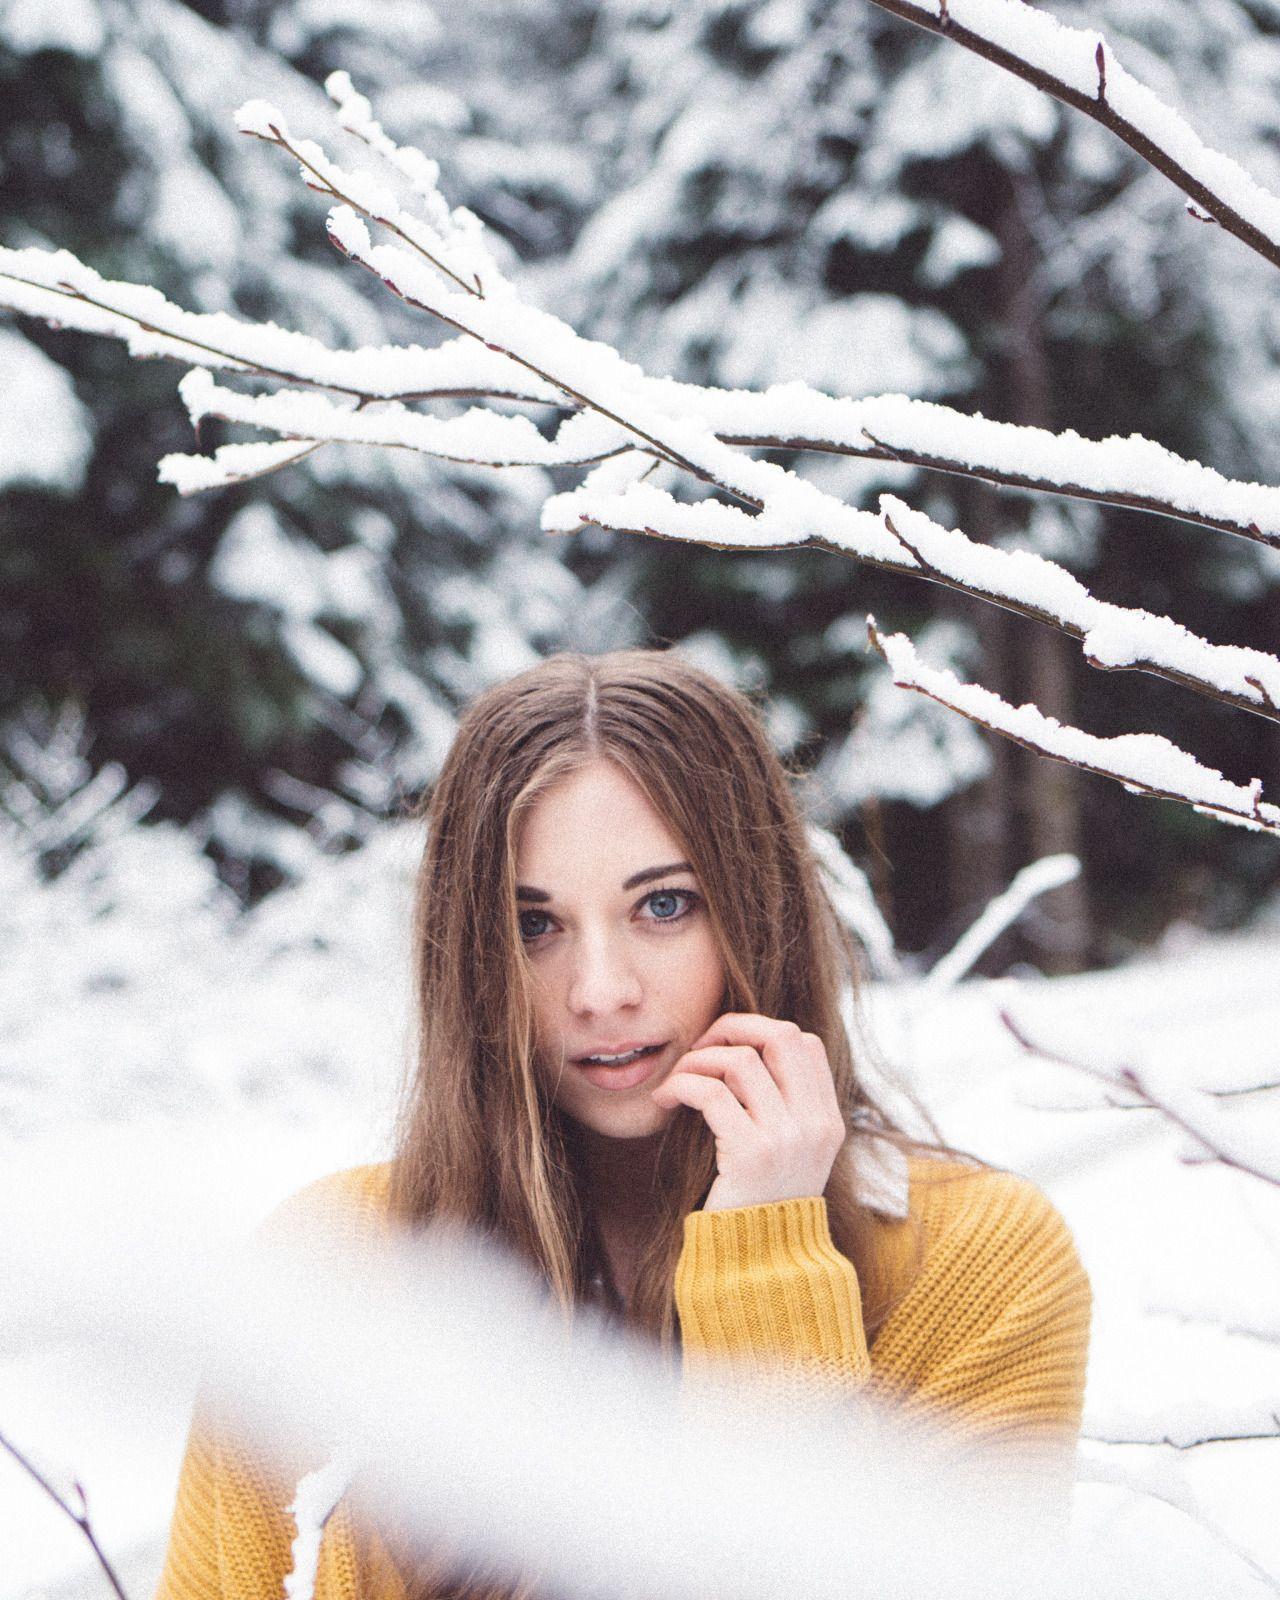 позы для фотосессии зимой в парке наши